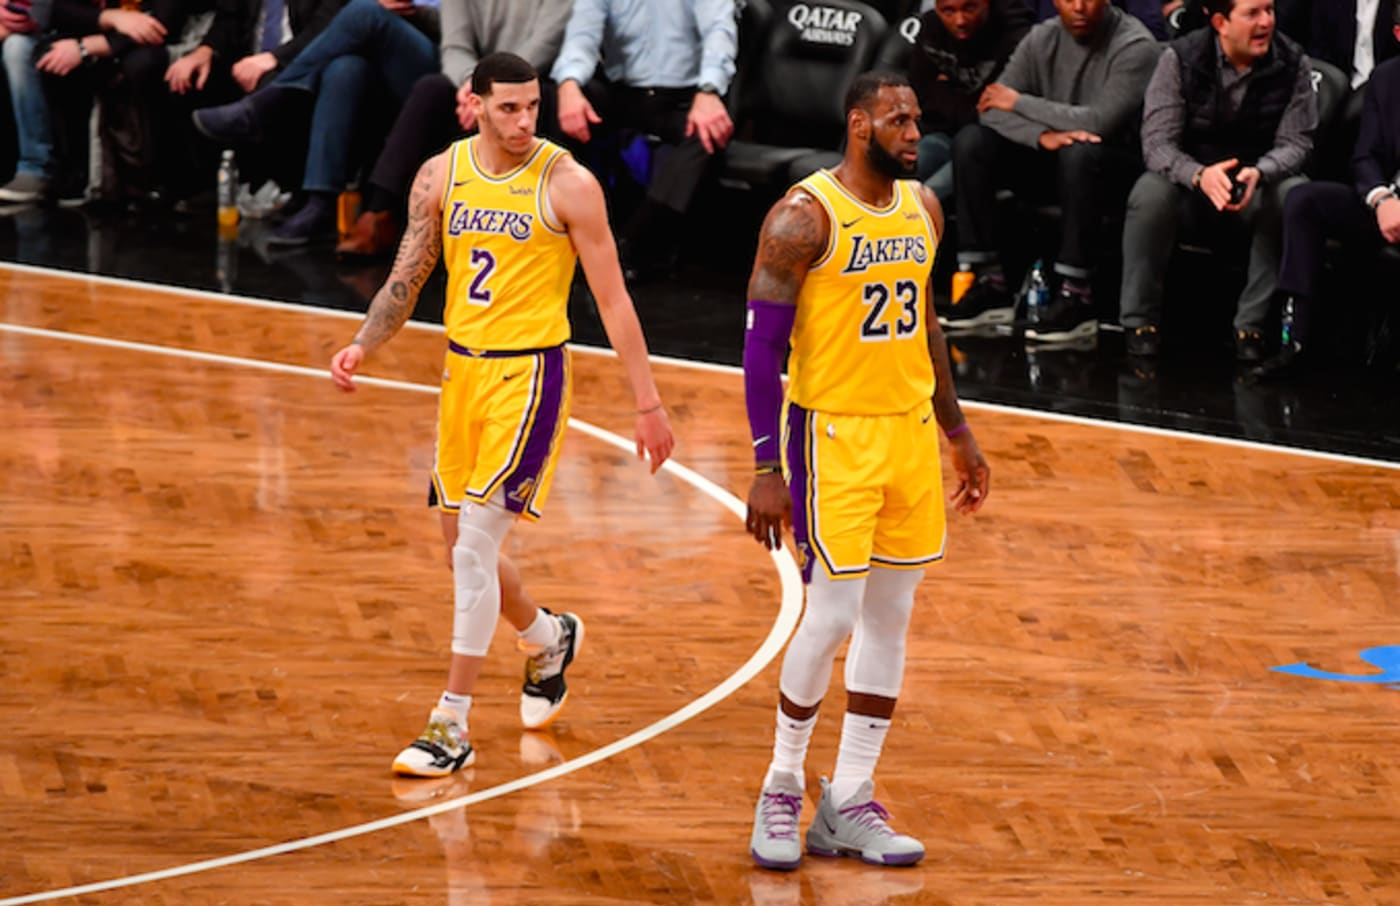 Lonzo Ball and LeBron James